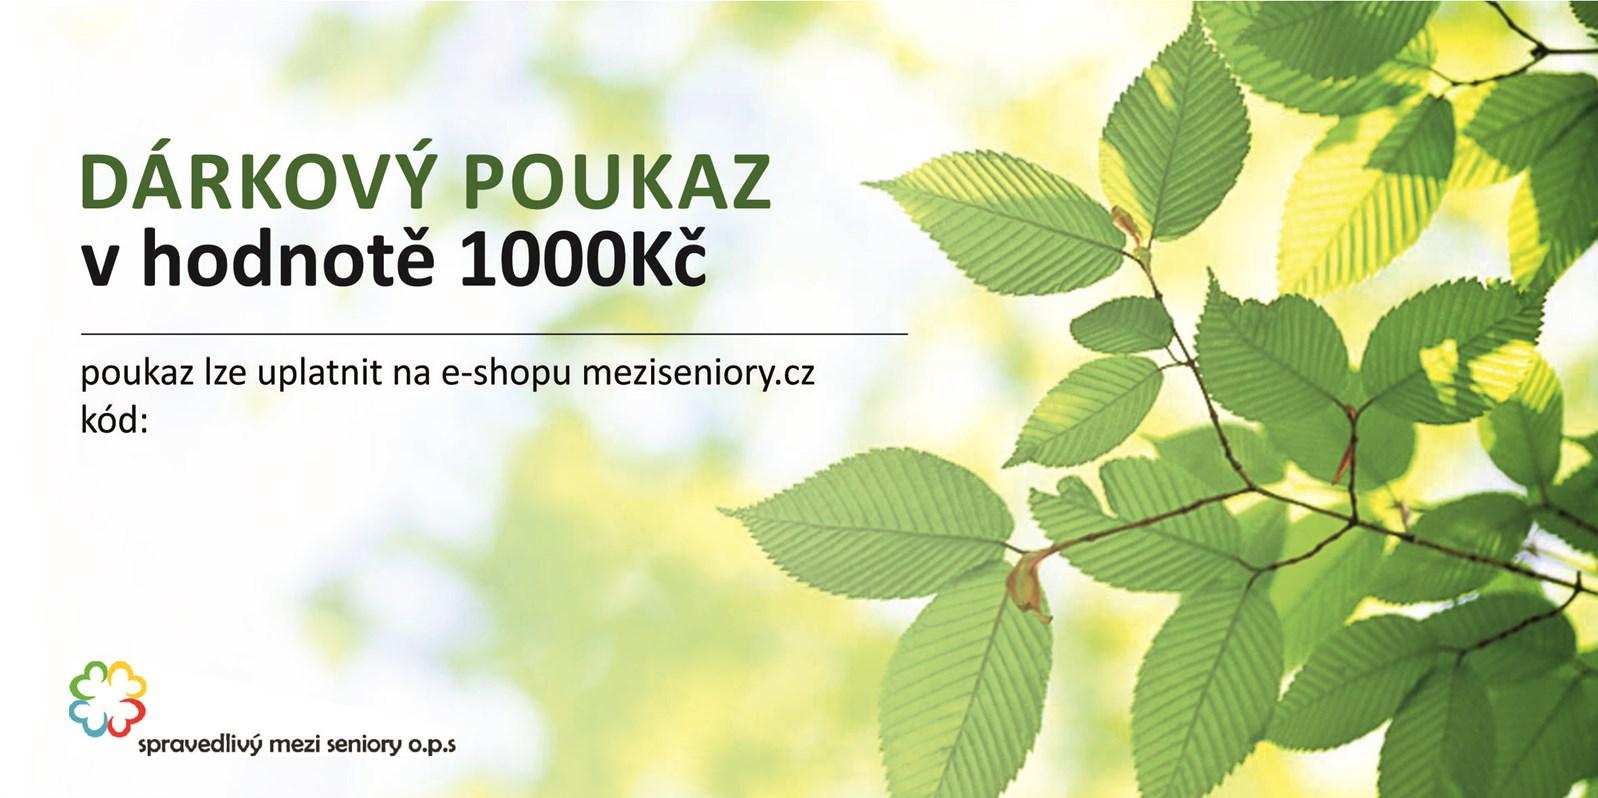 Voucher 1000,-Kč